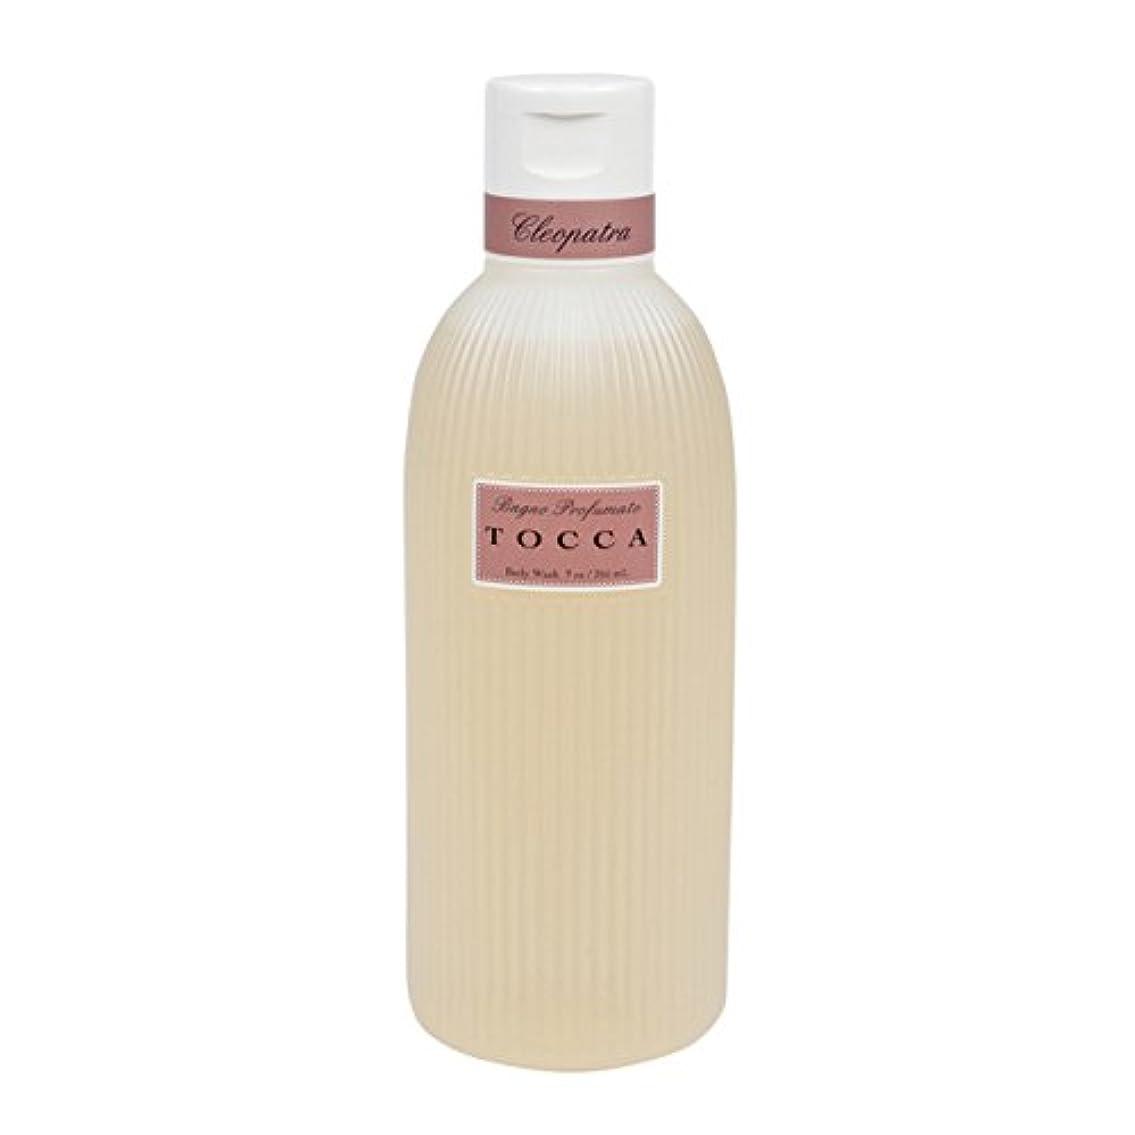 払い戻し請う接触トッカ(TOCCA) ボディーケアウォッシュ クレオパトラの香り 266ml(全身用洗浄料 ボディーソープ グレープフルーツとキューカンバーのフレッシュでクリーンな香り)